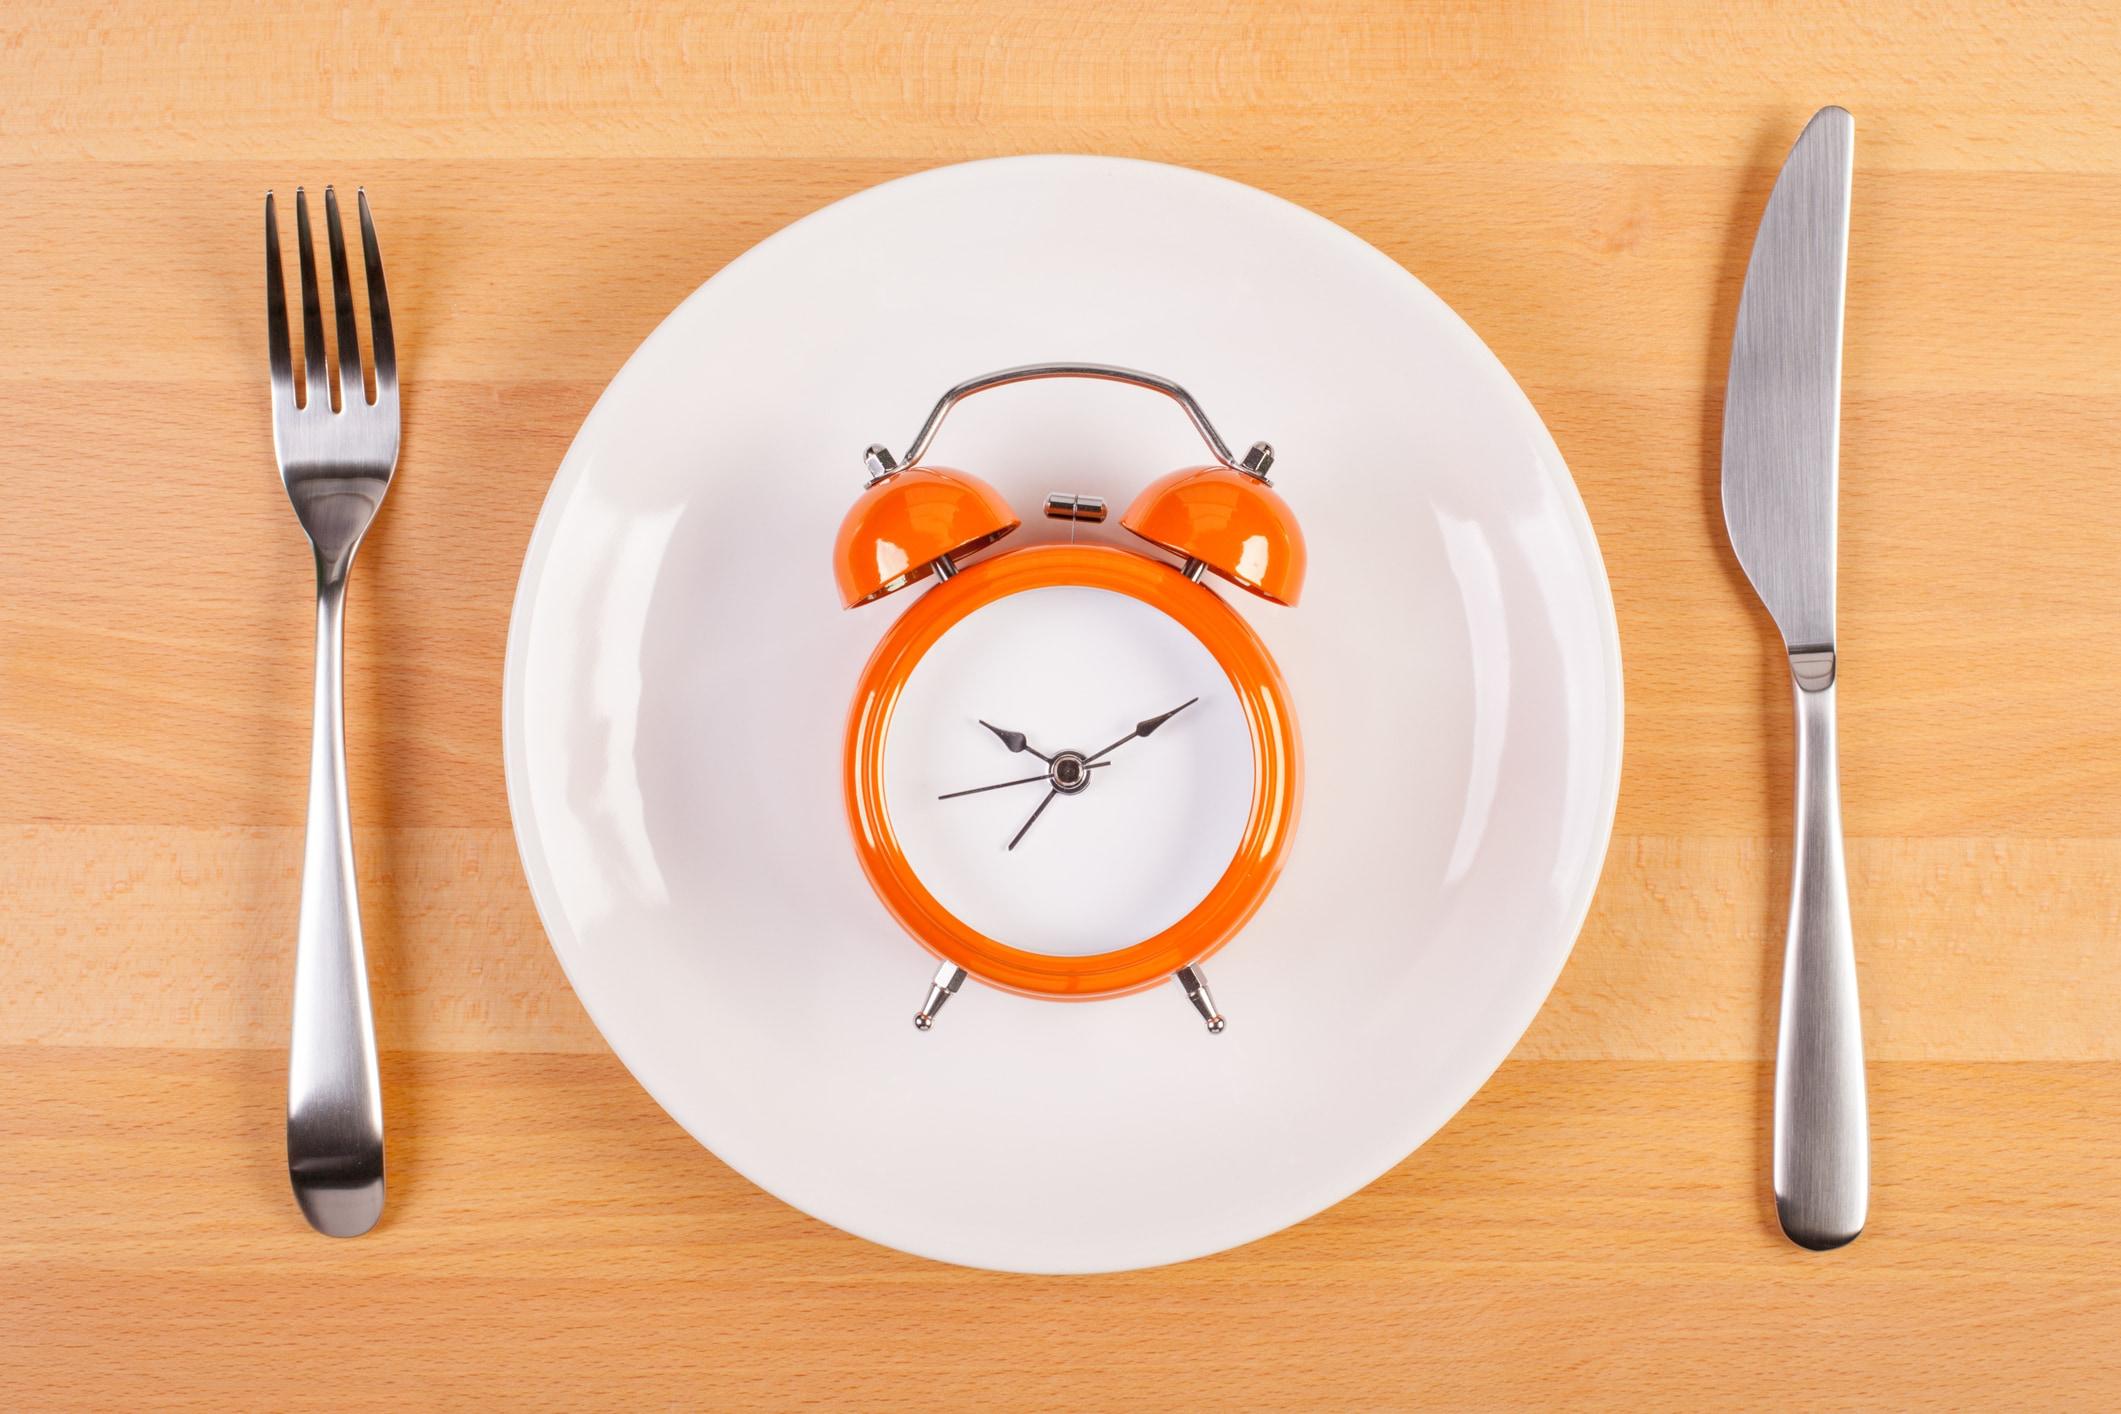 segít a fogyásban hirtelen fogyás étvágytalanság okai